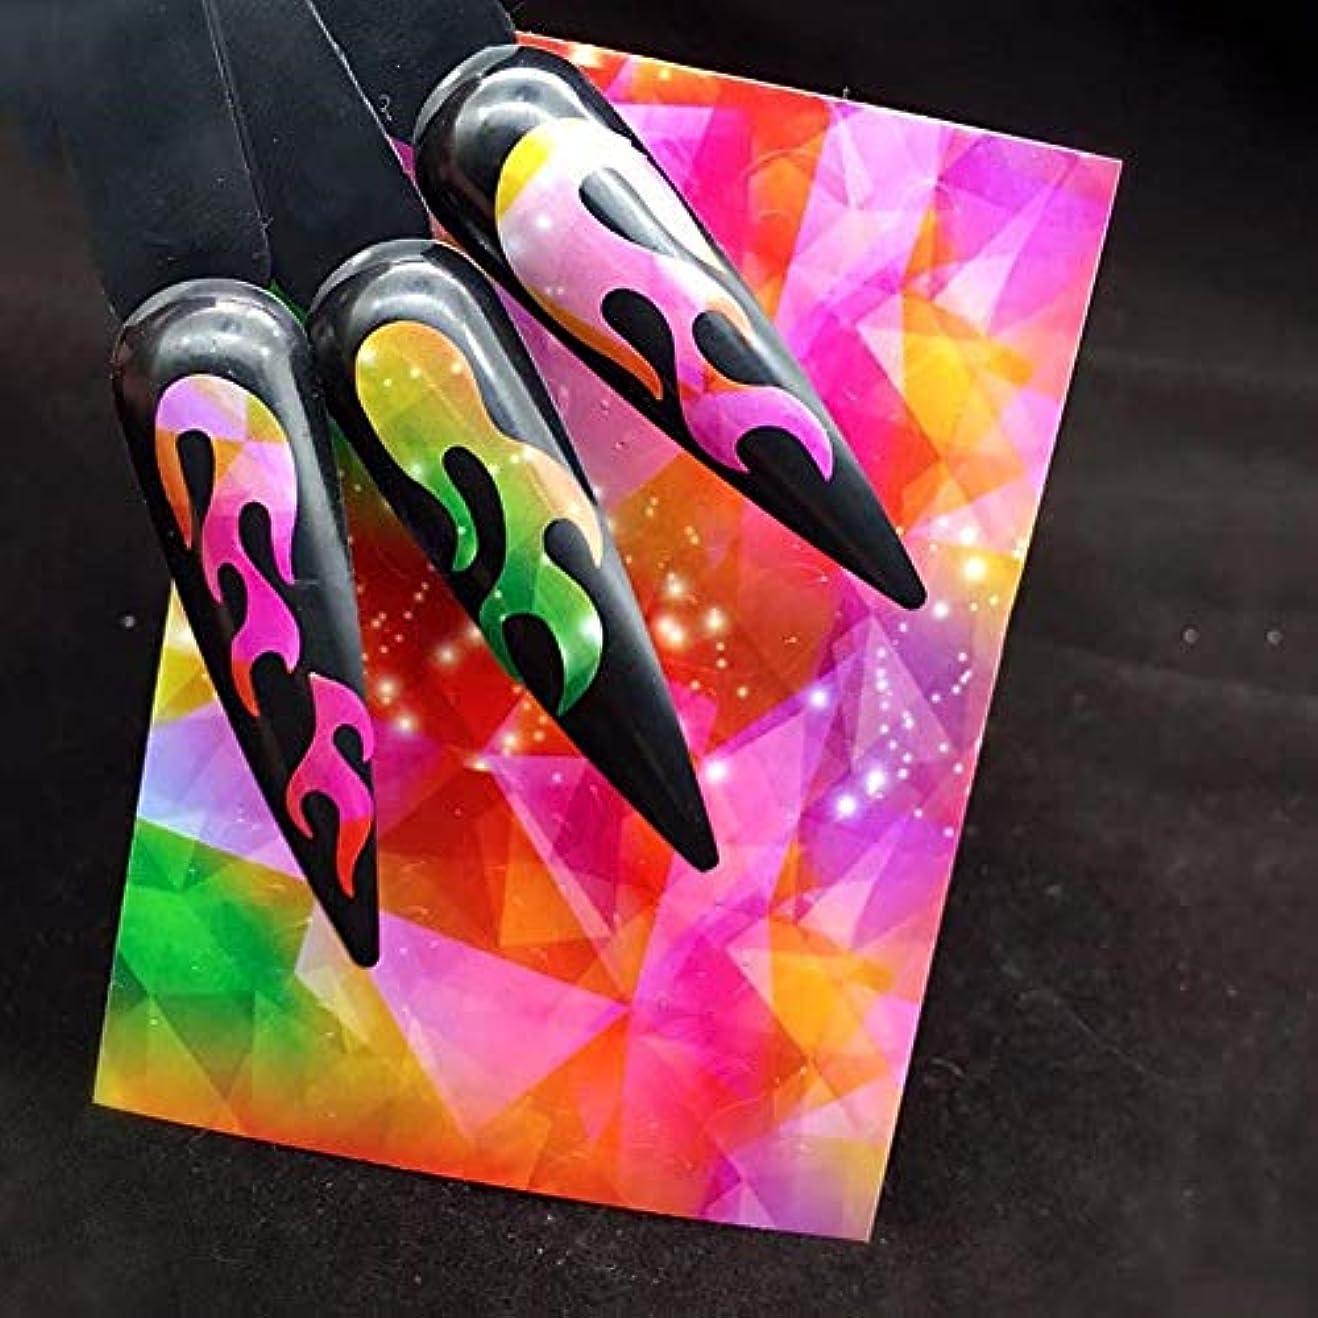 ソーシャル通路ほかにMurakush ネイルステッカー レーザー接着 ステッカー 炎パターン オーロラ マニキュア装飾 ネイルアート デカールツール 5#